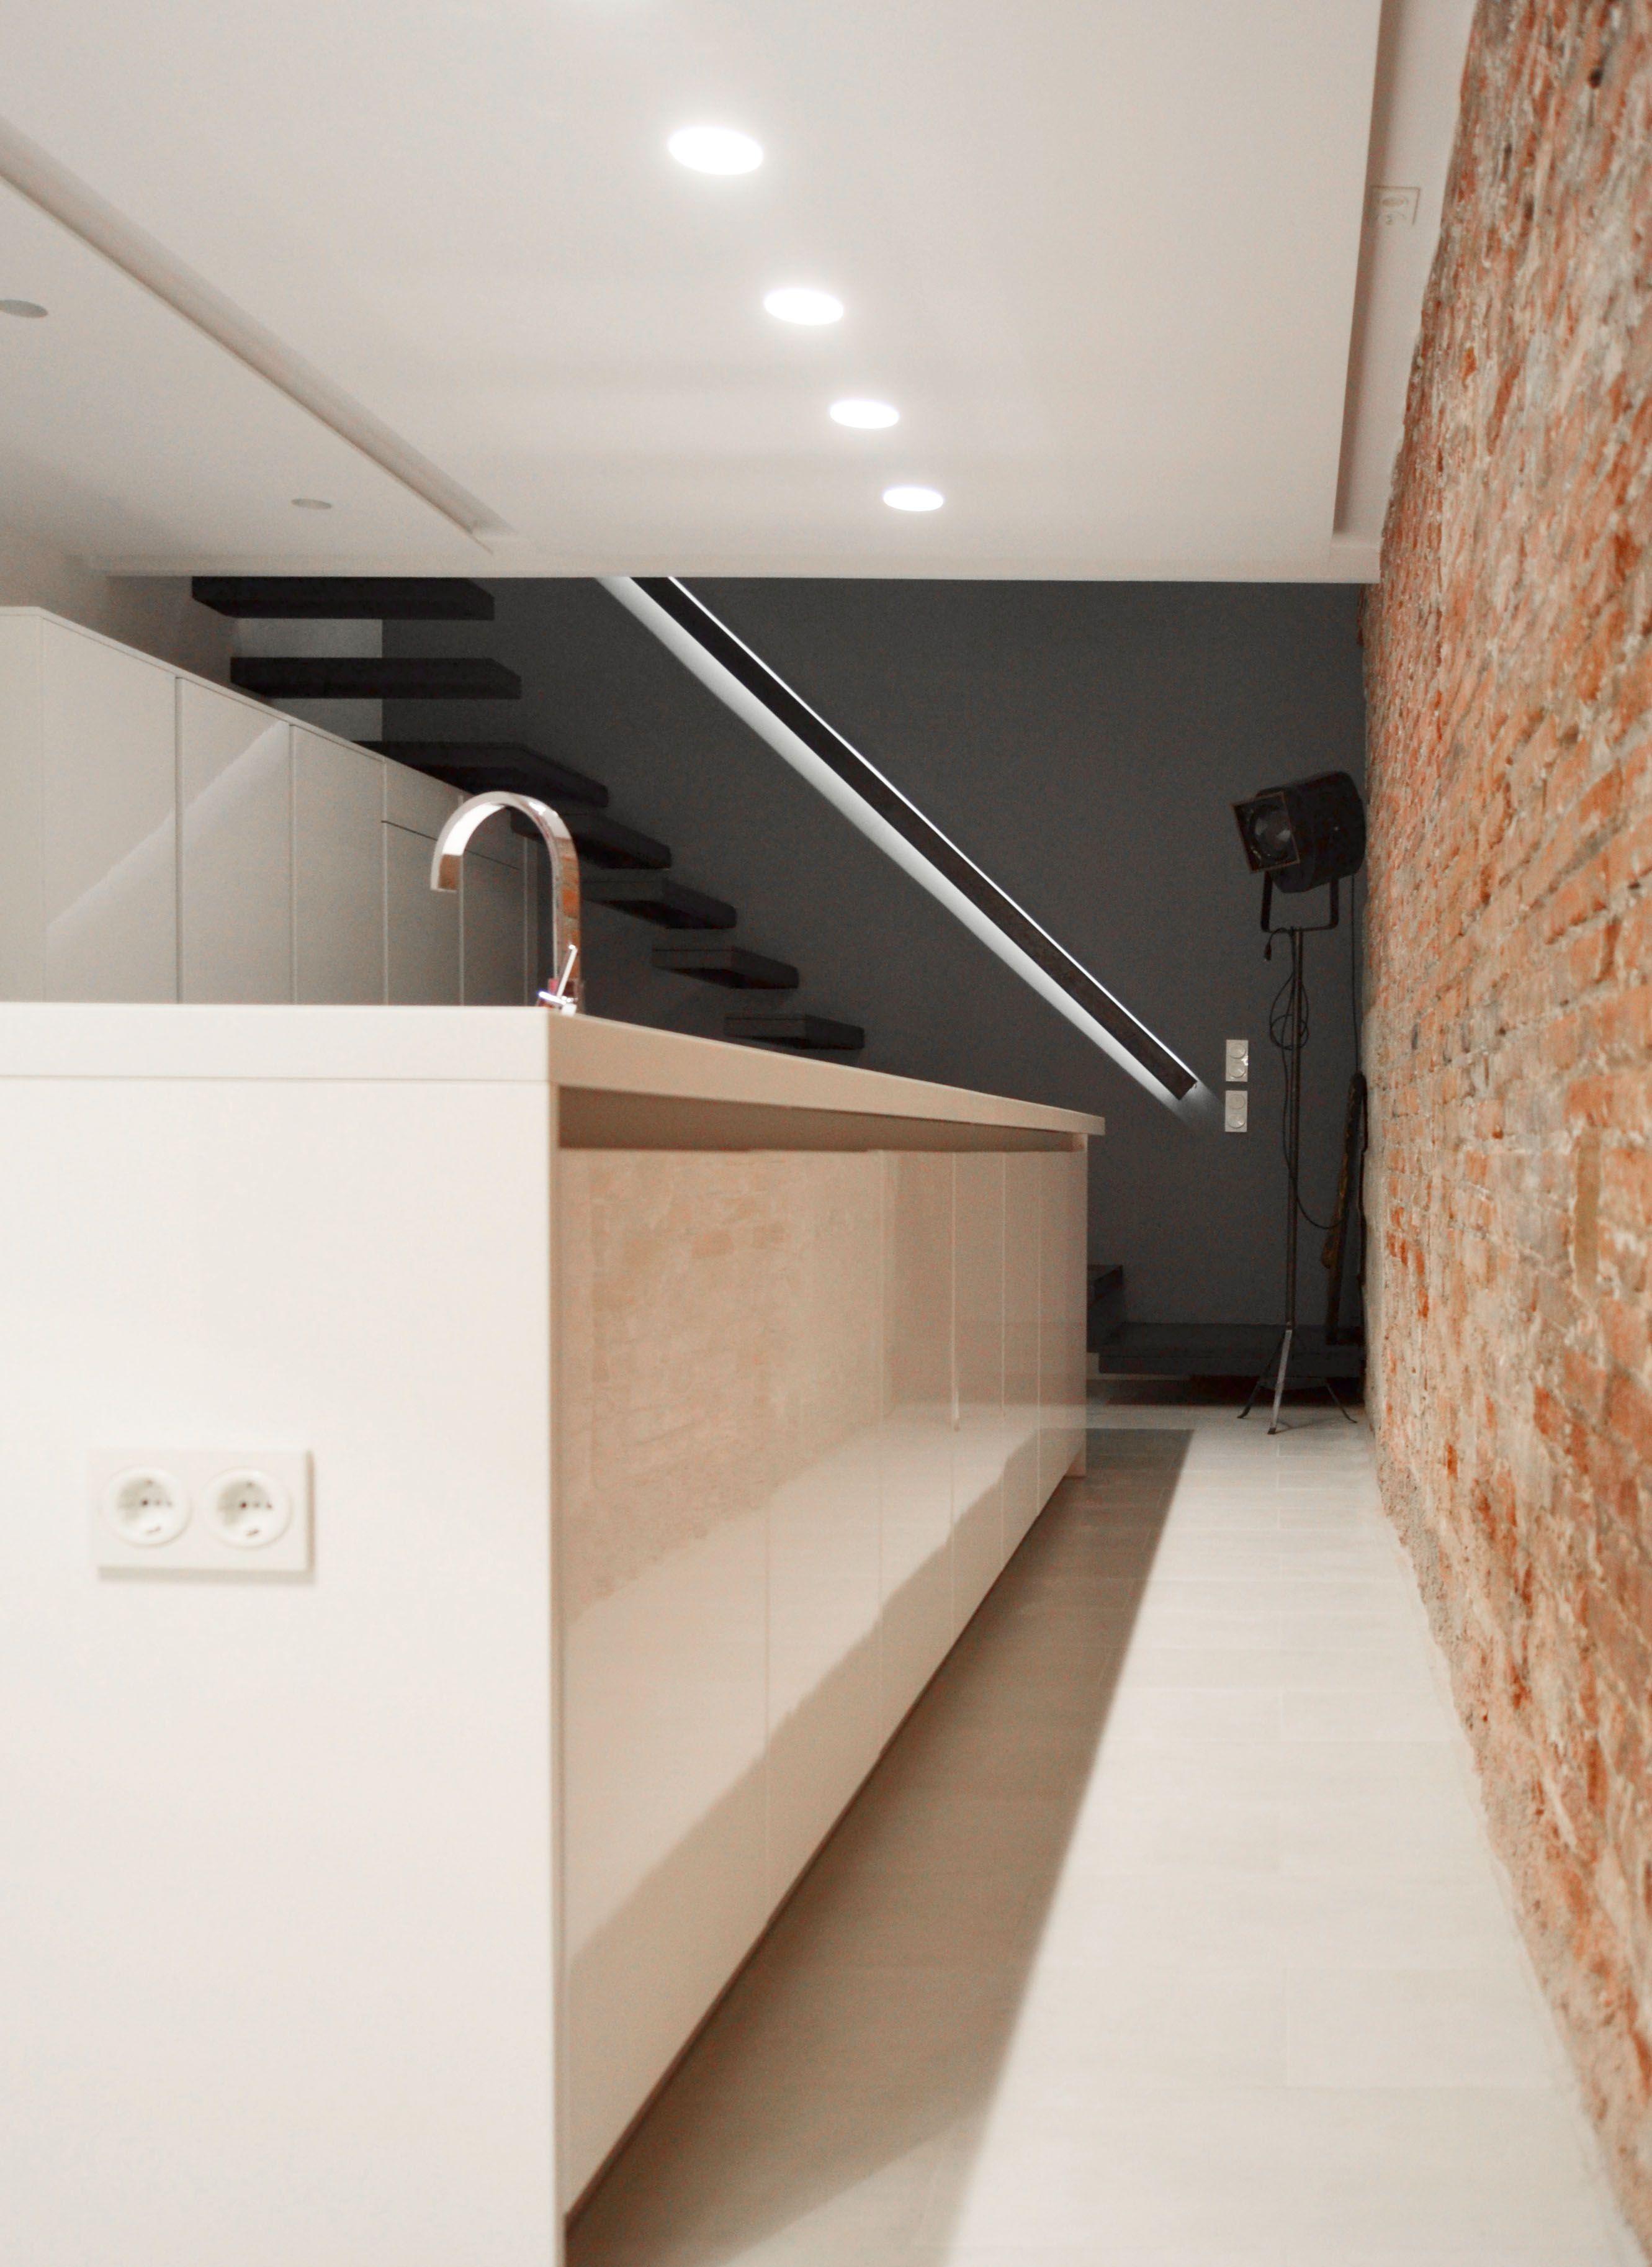 Ladrillo Loft cocina y muro de ladrillo loft barcelona 08023 arquitectos